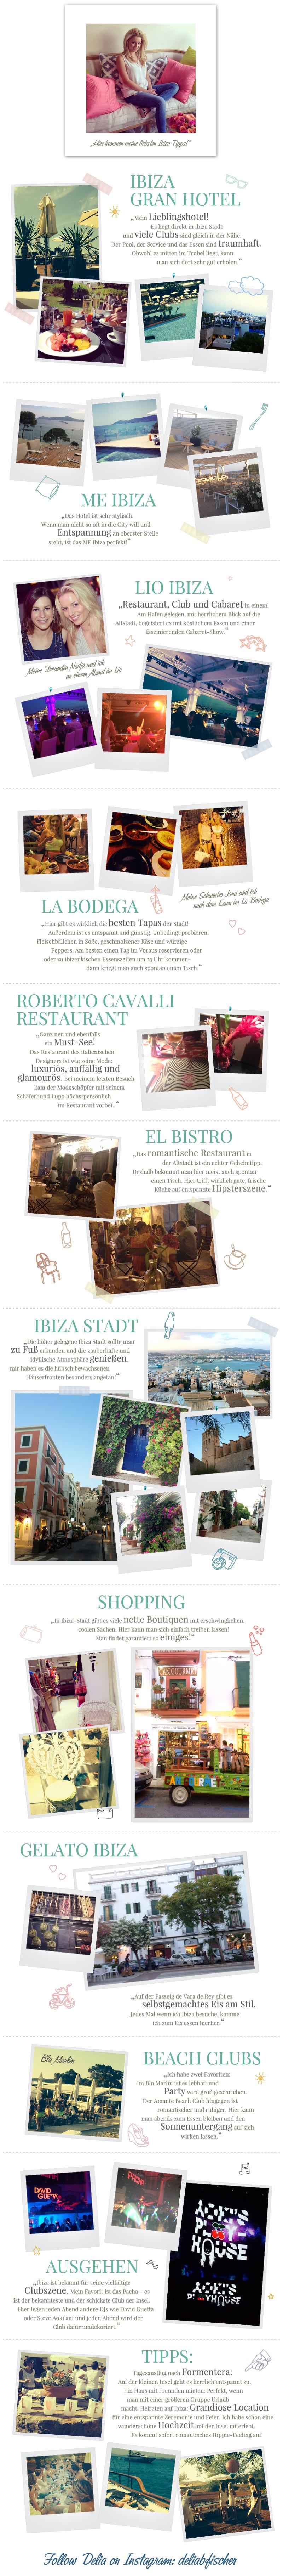 My Ibiza: Delia Fischer